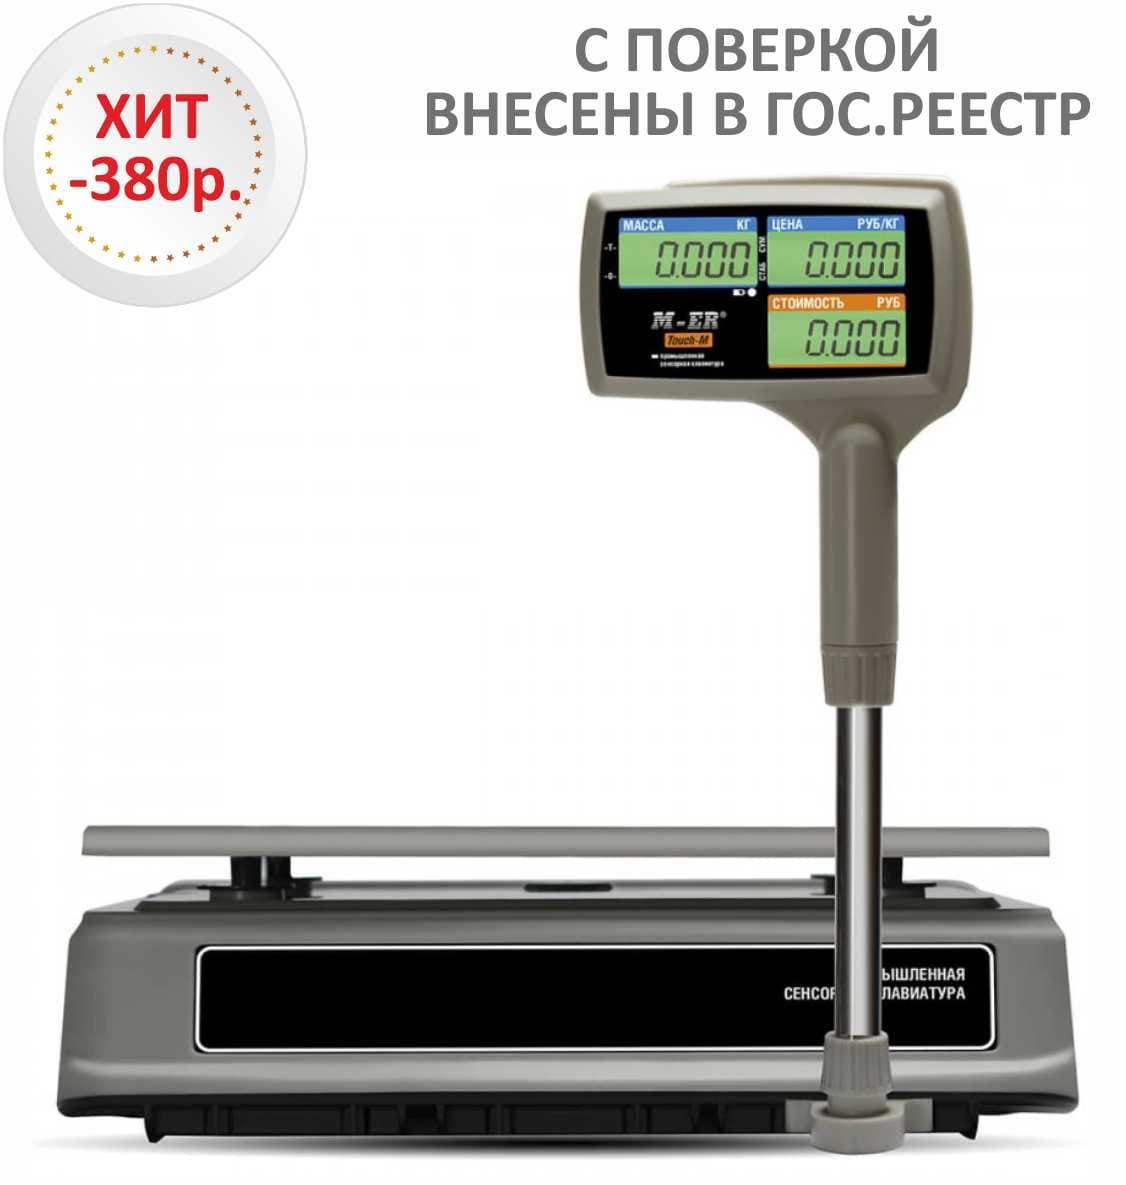 Весы торговые настольные со стойкой M-ER 328ACPX-15.2/32.5 TOUCH-M LCD/LED - вид сзади